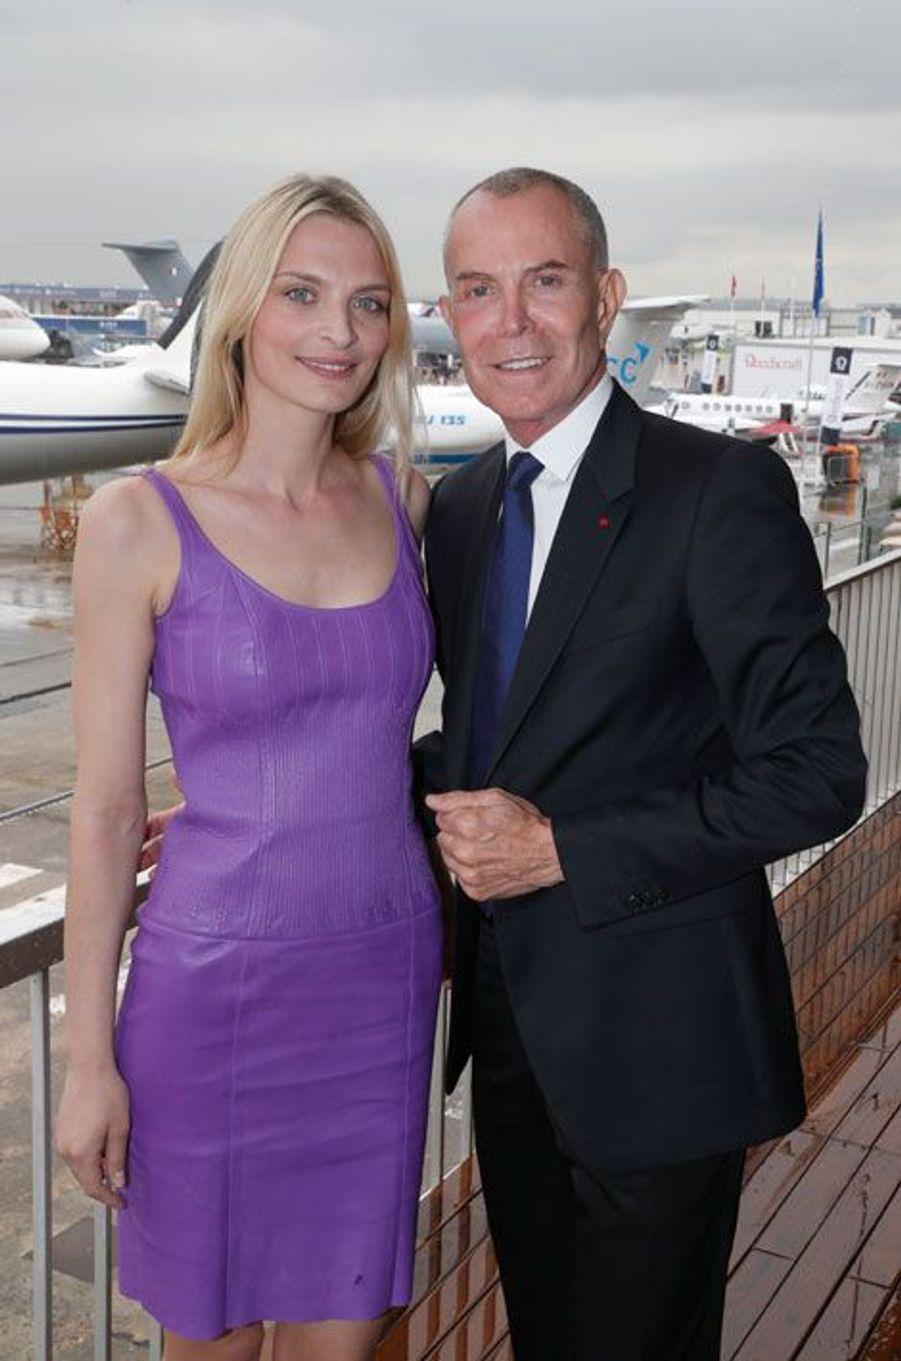 Sarah Marshall et Jean-Claude Jitrois, tous deux impressionnés par le fuselage des avions.